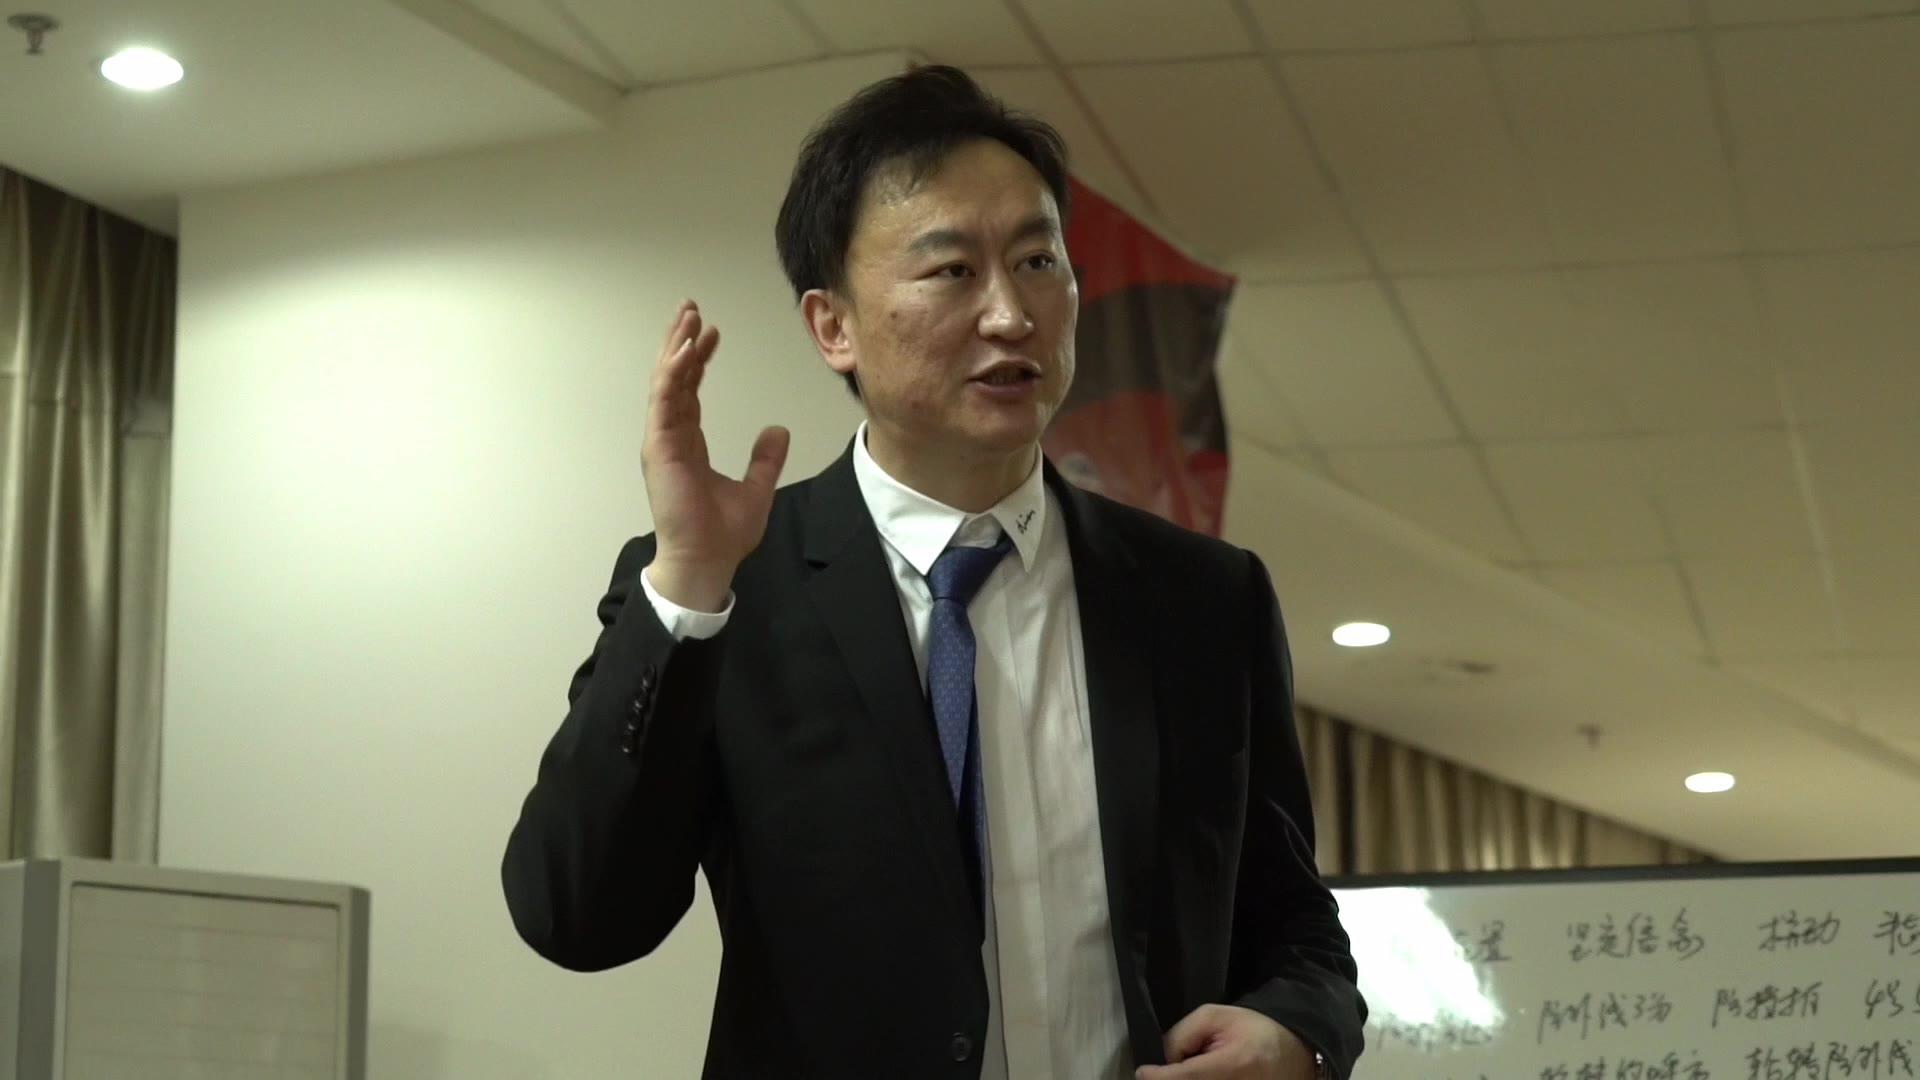 刘维伟更衣室激情演讲:你们创造了浙江男篮的历史